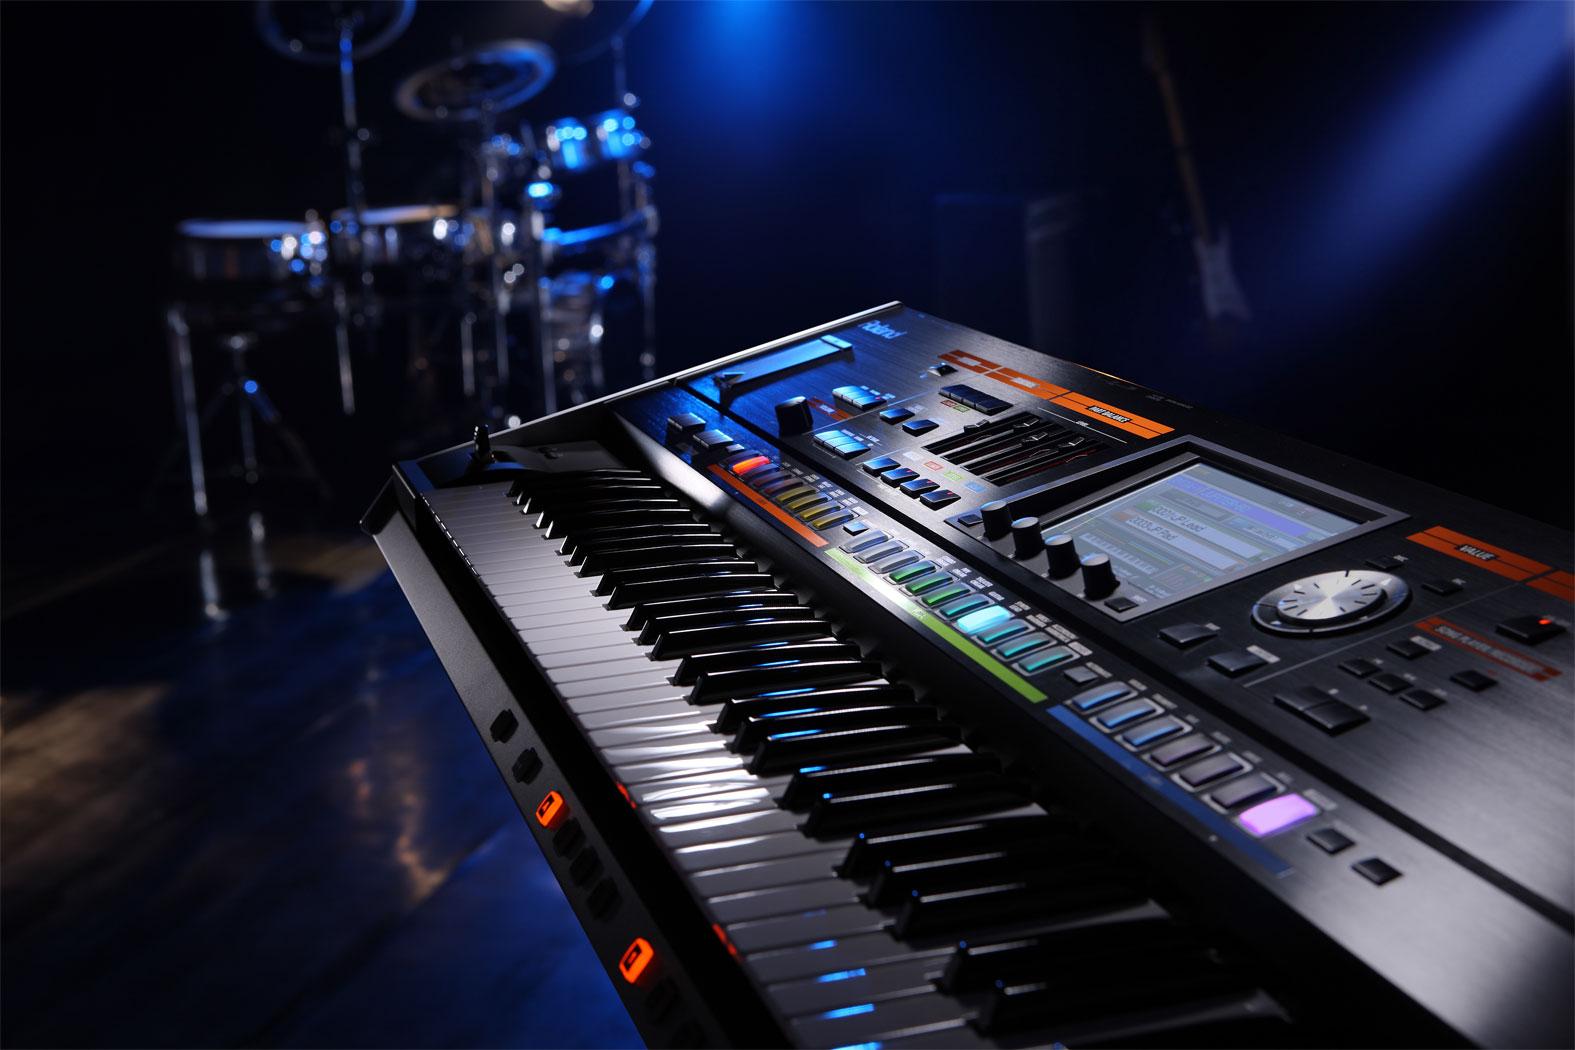 roland jupiter 80 synthesizer. Black Bedroom Furniture Sets. Home Design Ideas